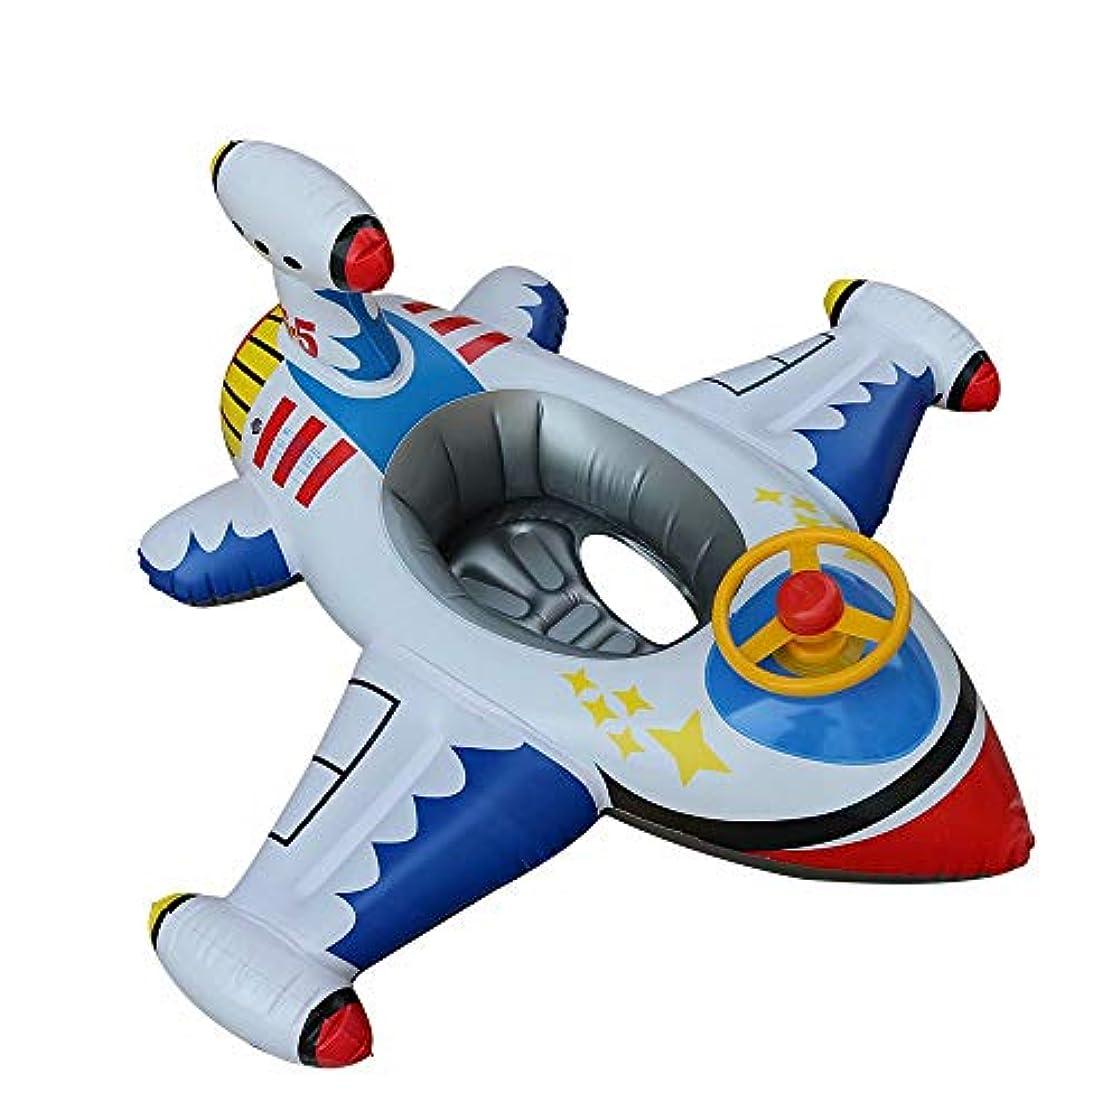 収穫袋修理可能HANBIN 1-6歳 飛行機ヨット キッズスイミングフロート 子供のおもちゃ 赤ちゃんインフレータブルスイミングリング white